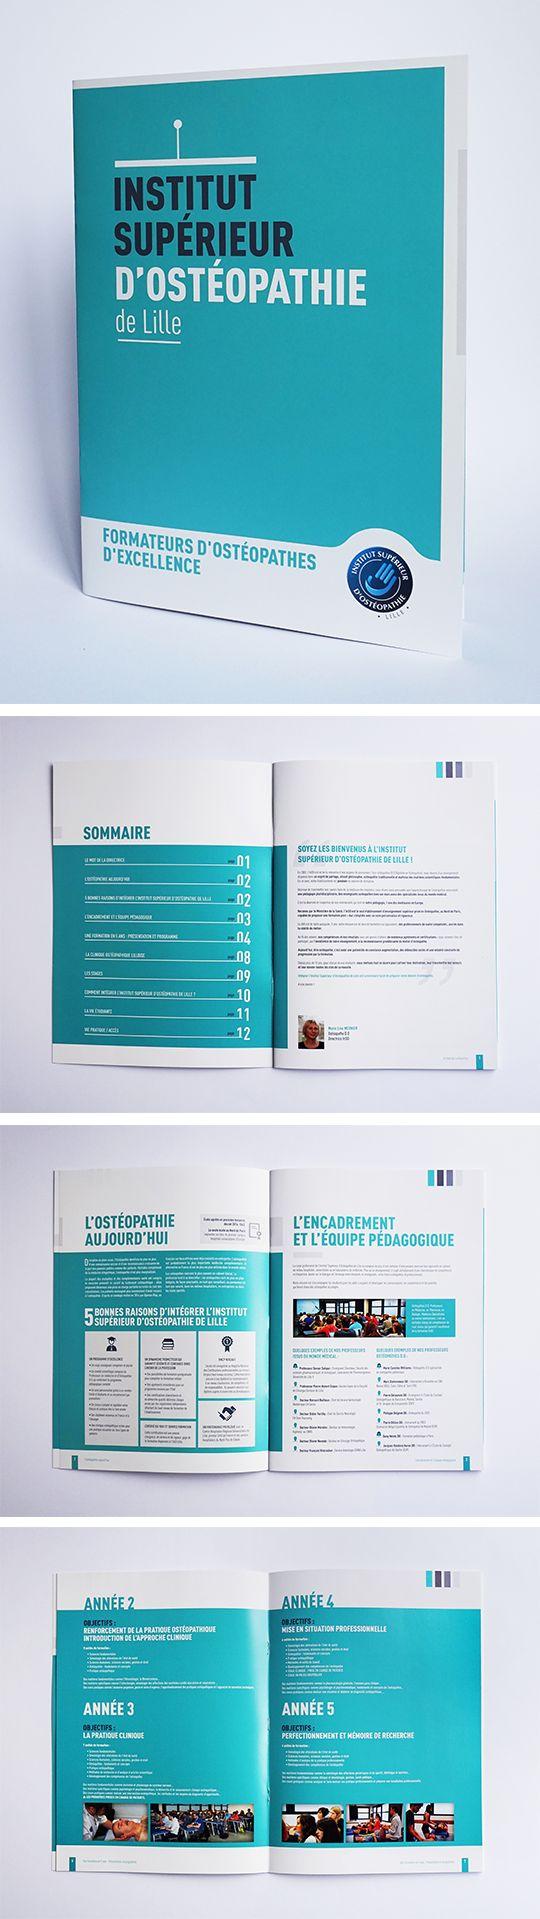 création de brochure, plaquette Institut Supérieur d'Ostéopathie de Lille